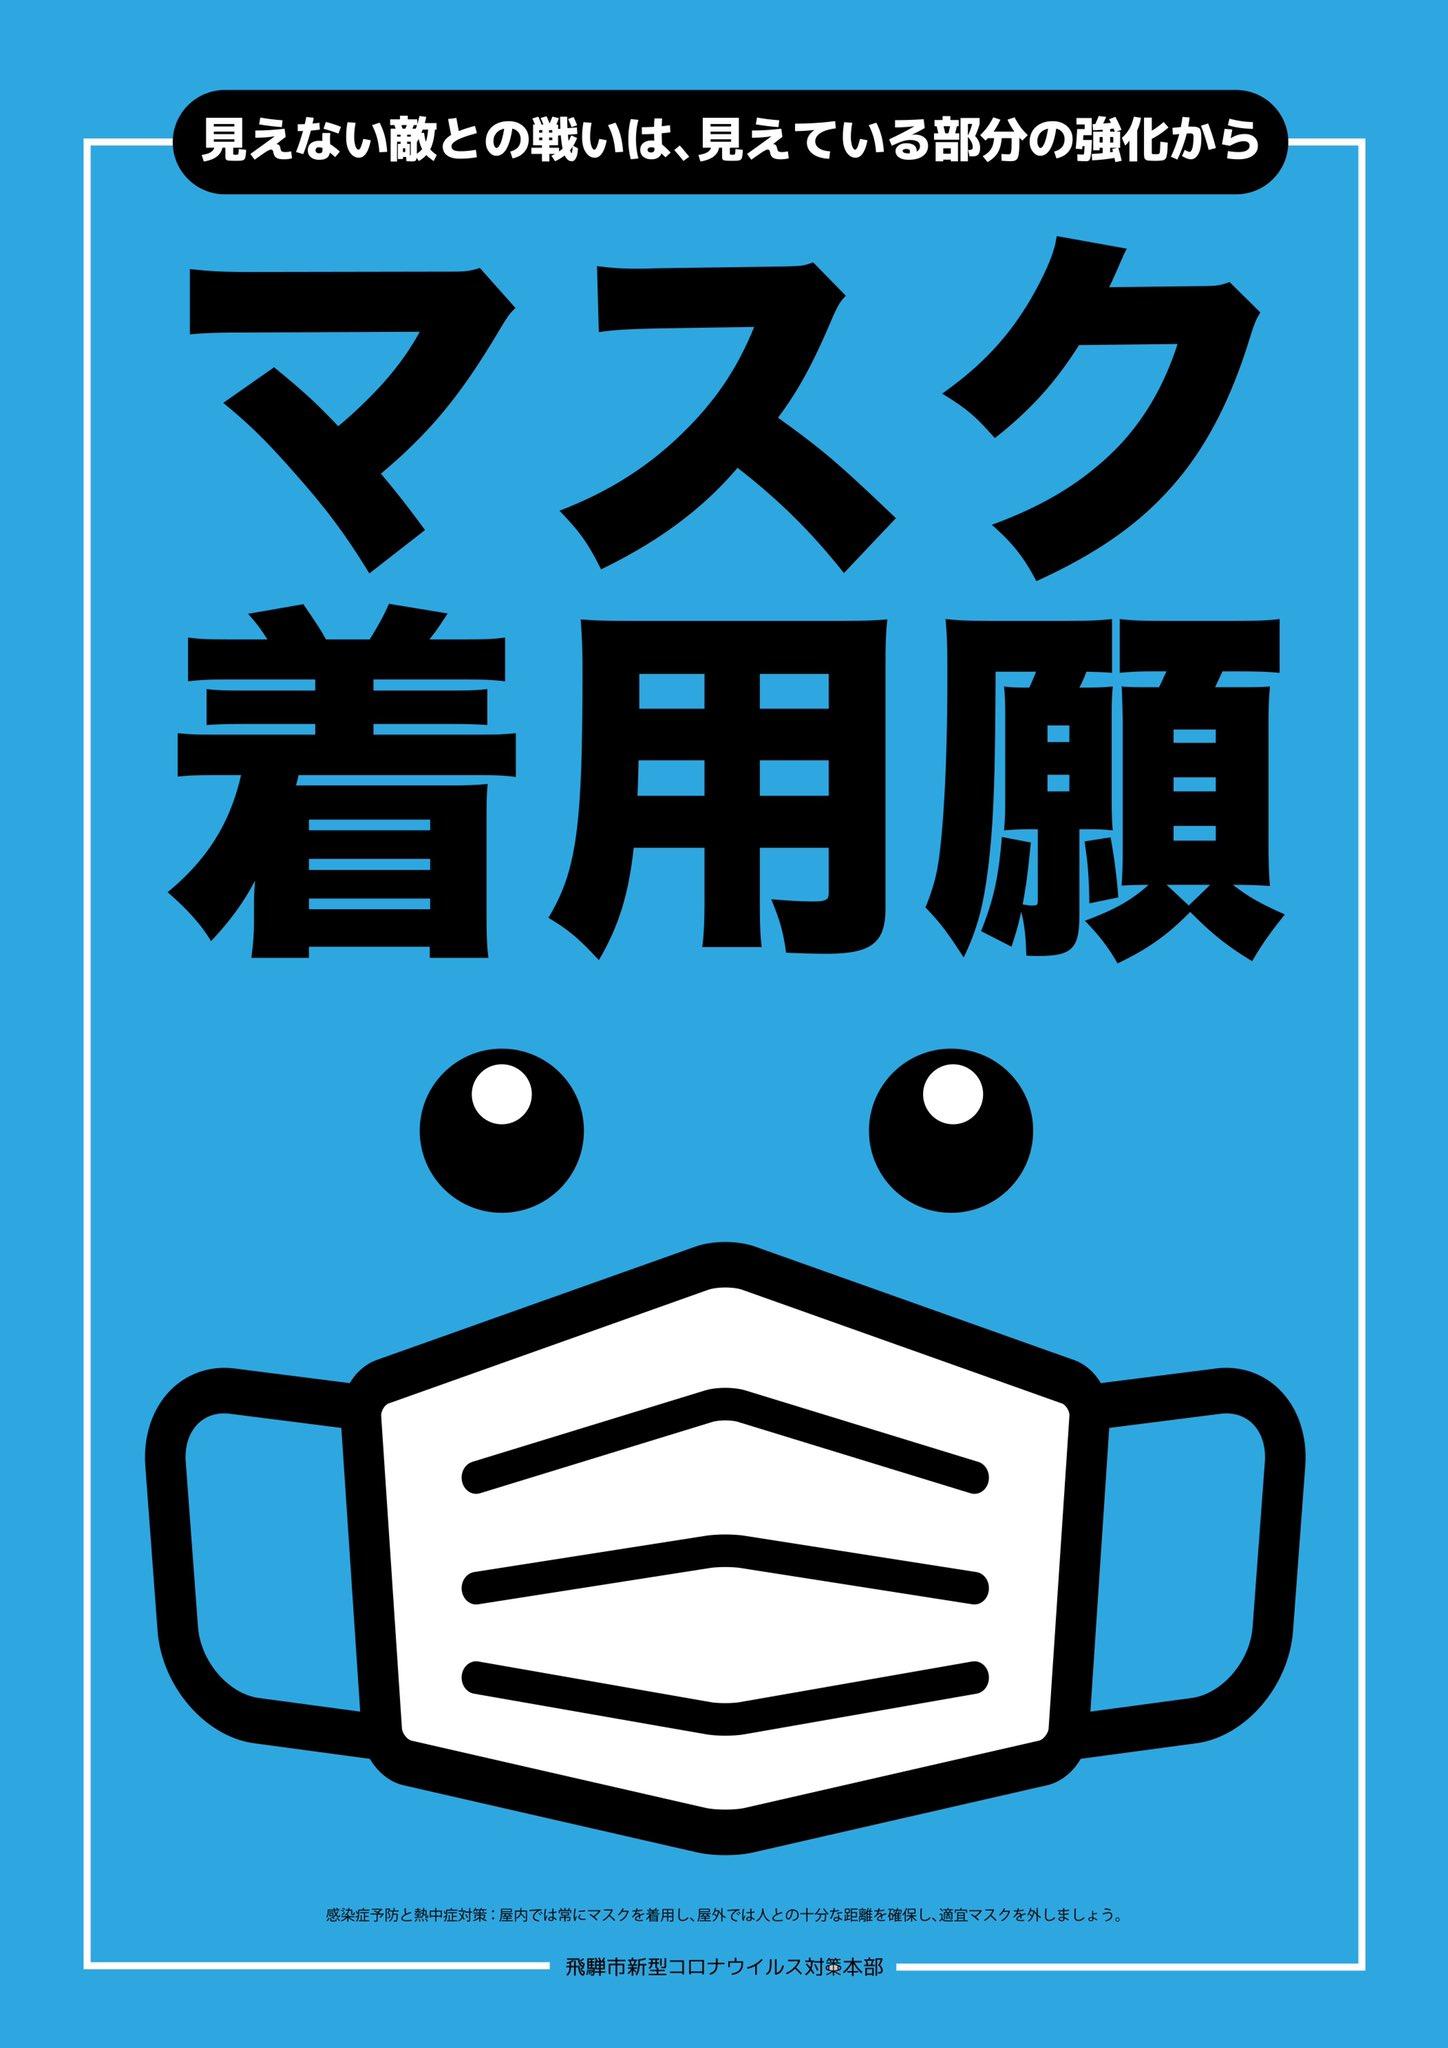 マスク着用を促すポスターを黄色に変更page-visual マスク着用を促すポスターを黄色に変更ビジュアル